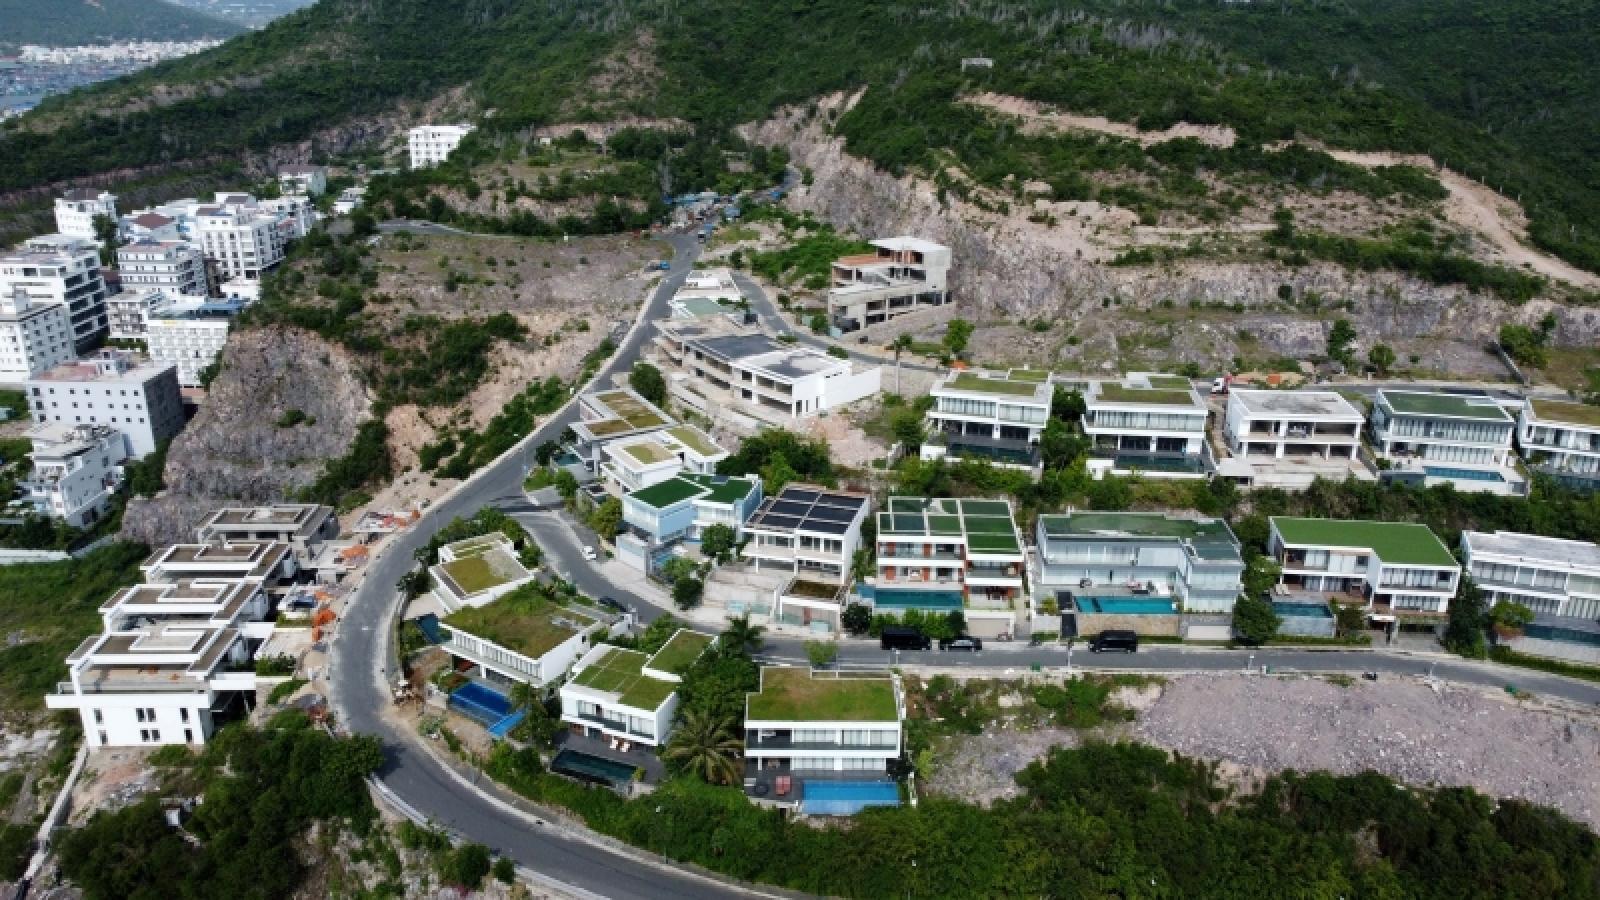 Khánh Hòa chưa cho dự án đào núi làm biệt thự điều chỉnh quy mô